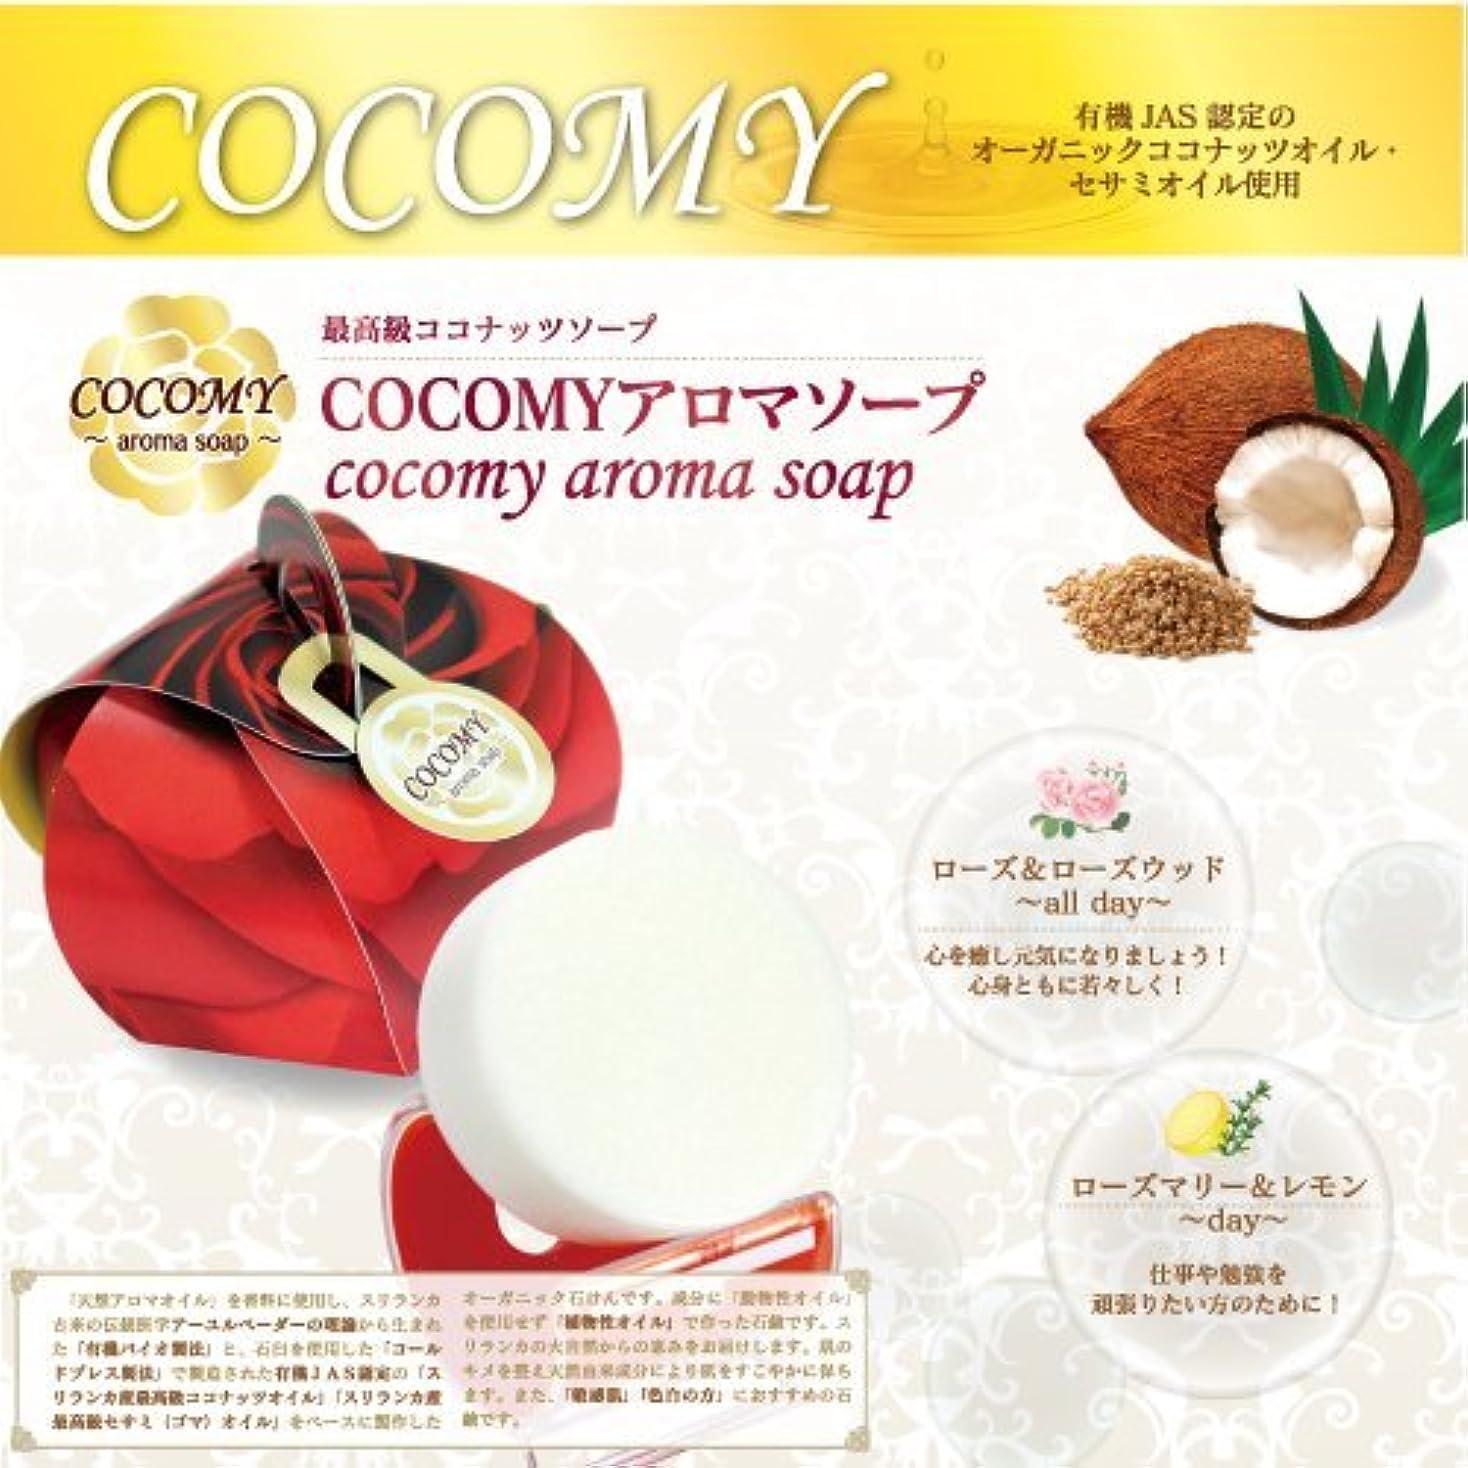 静かにホールドオール薬COCOMY aromaソープ 4個セット (ローズマリー&レモン)(ローズ&ローズウッド) 40g×各2